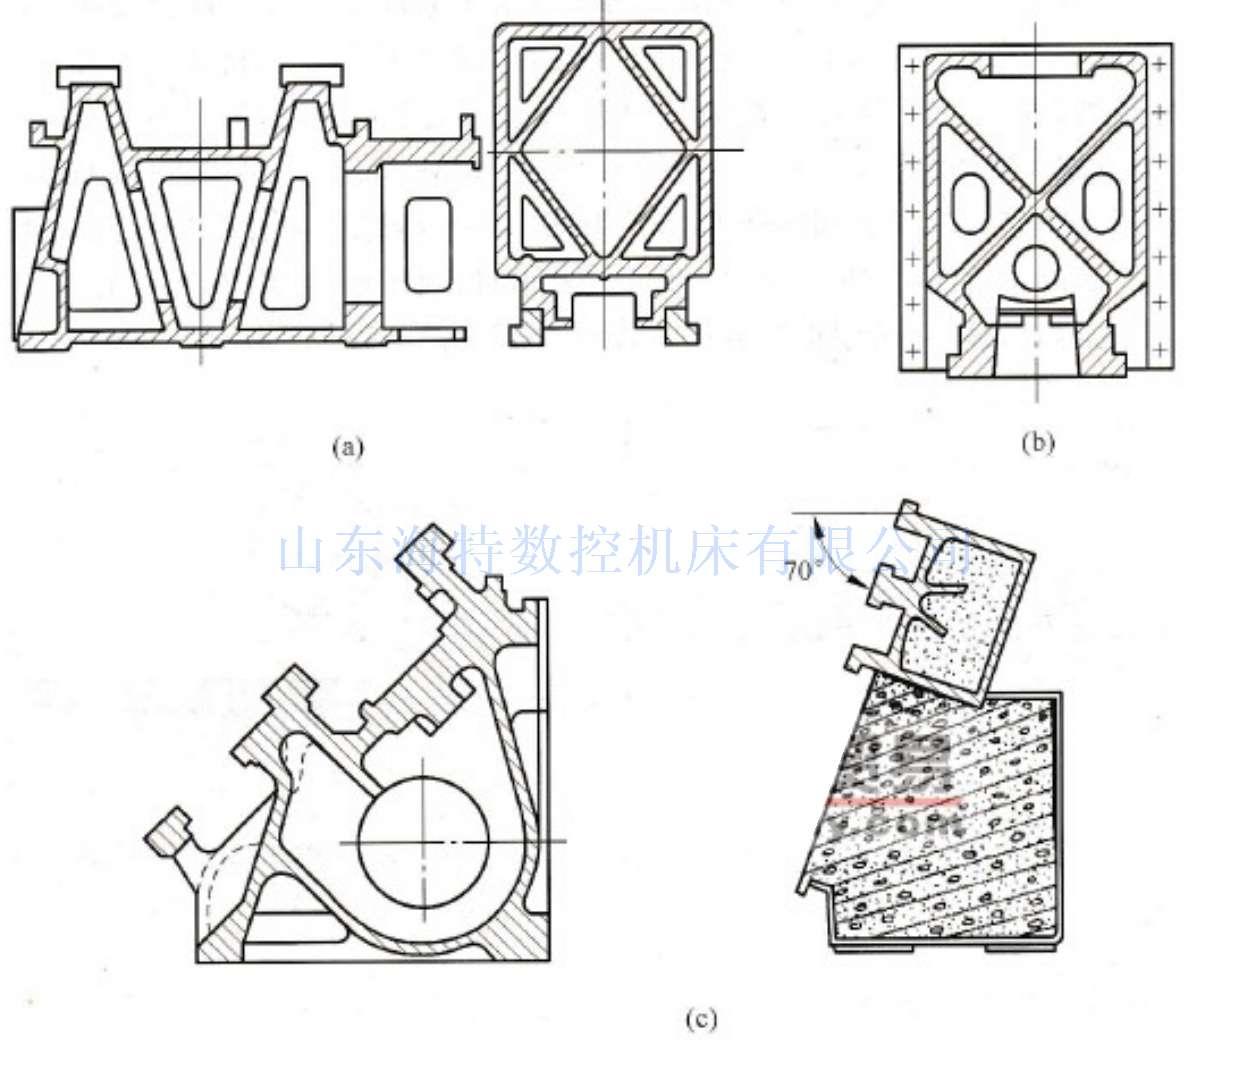 数控机床的床身结构